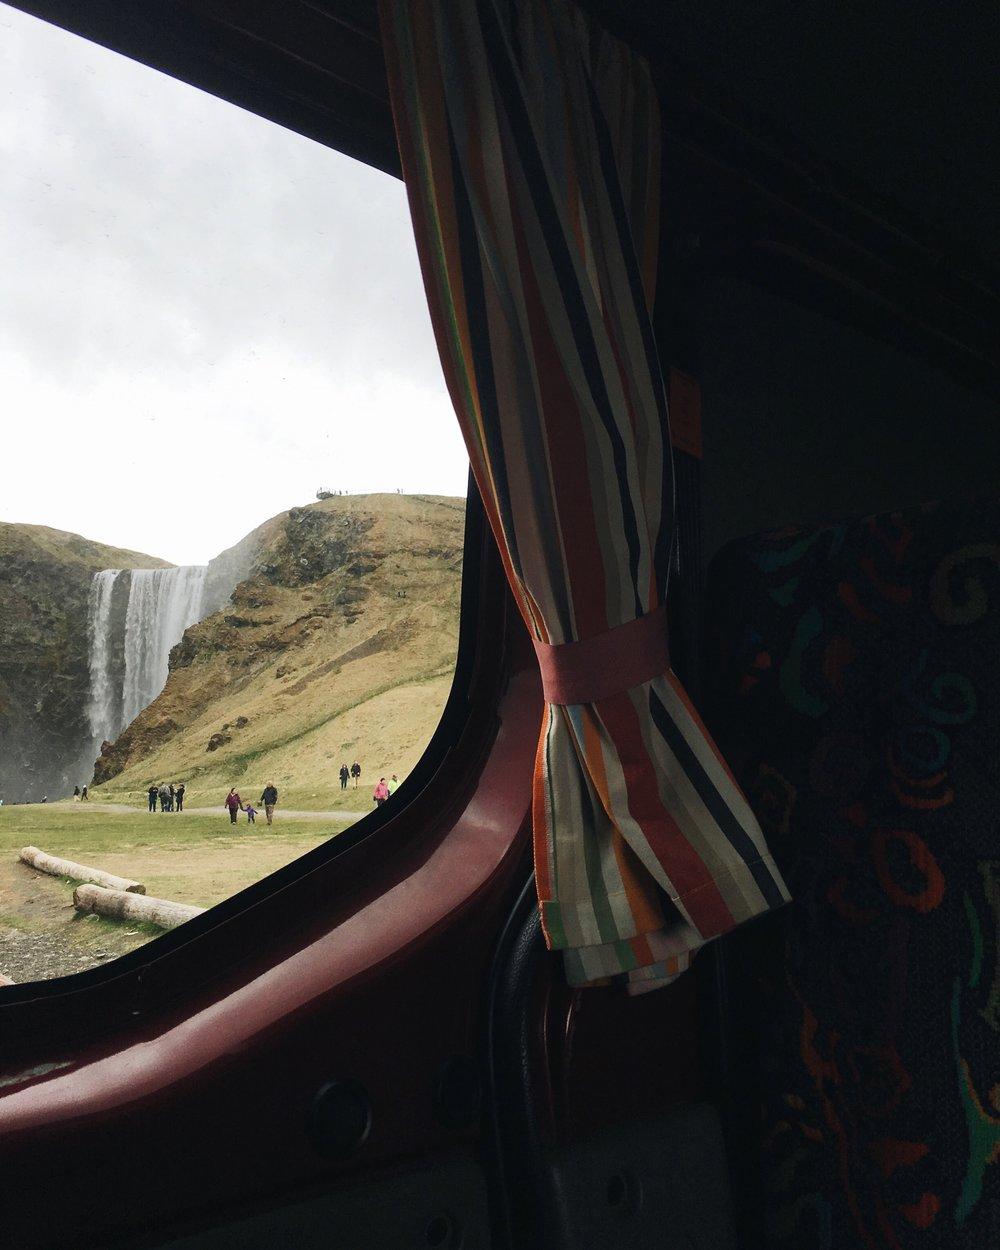 Van views